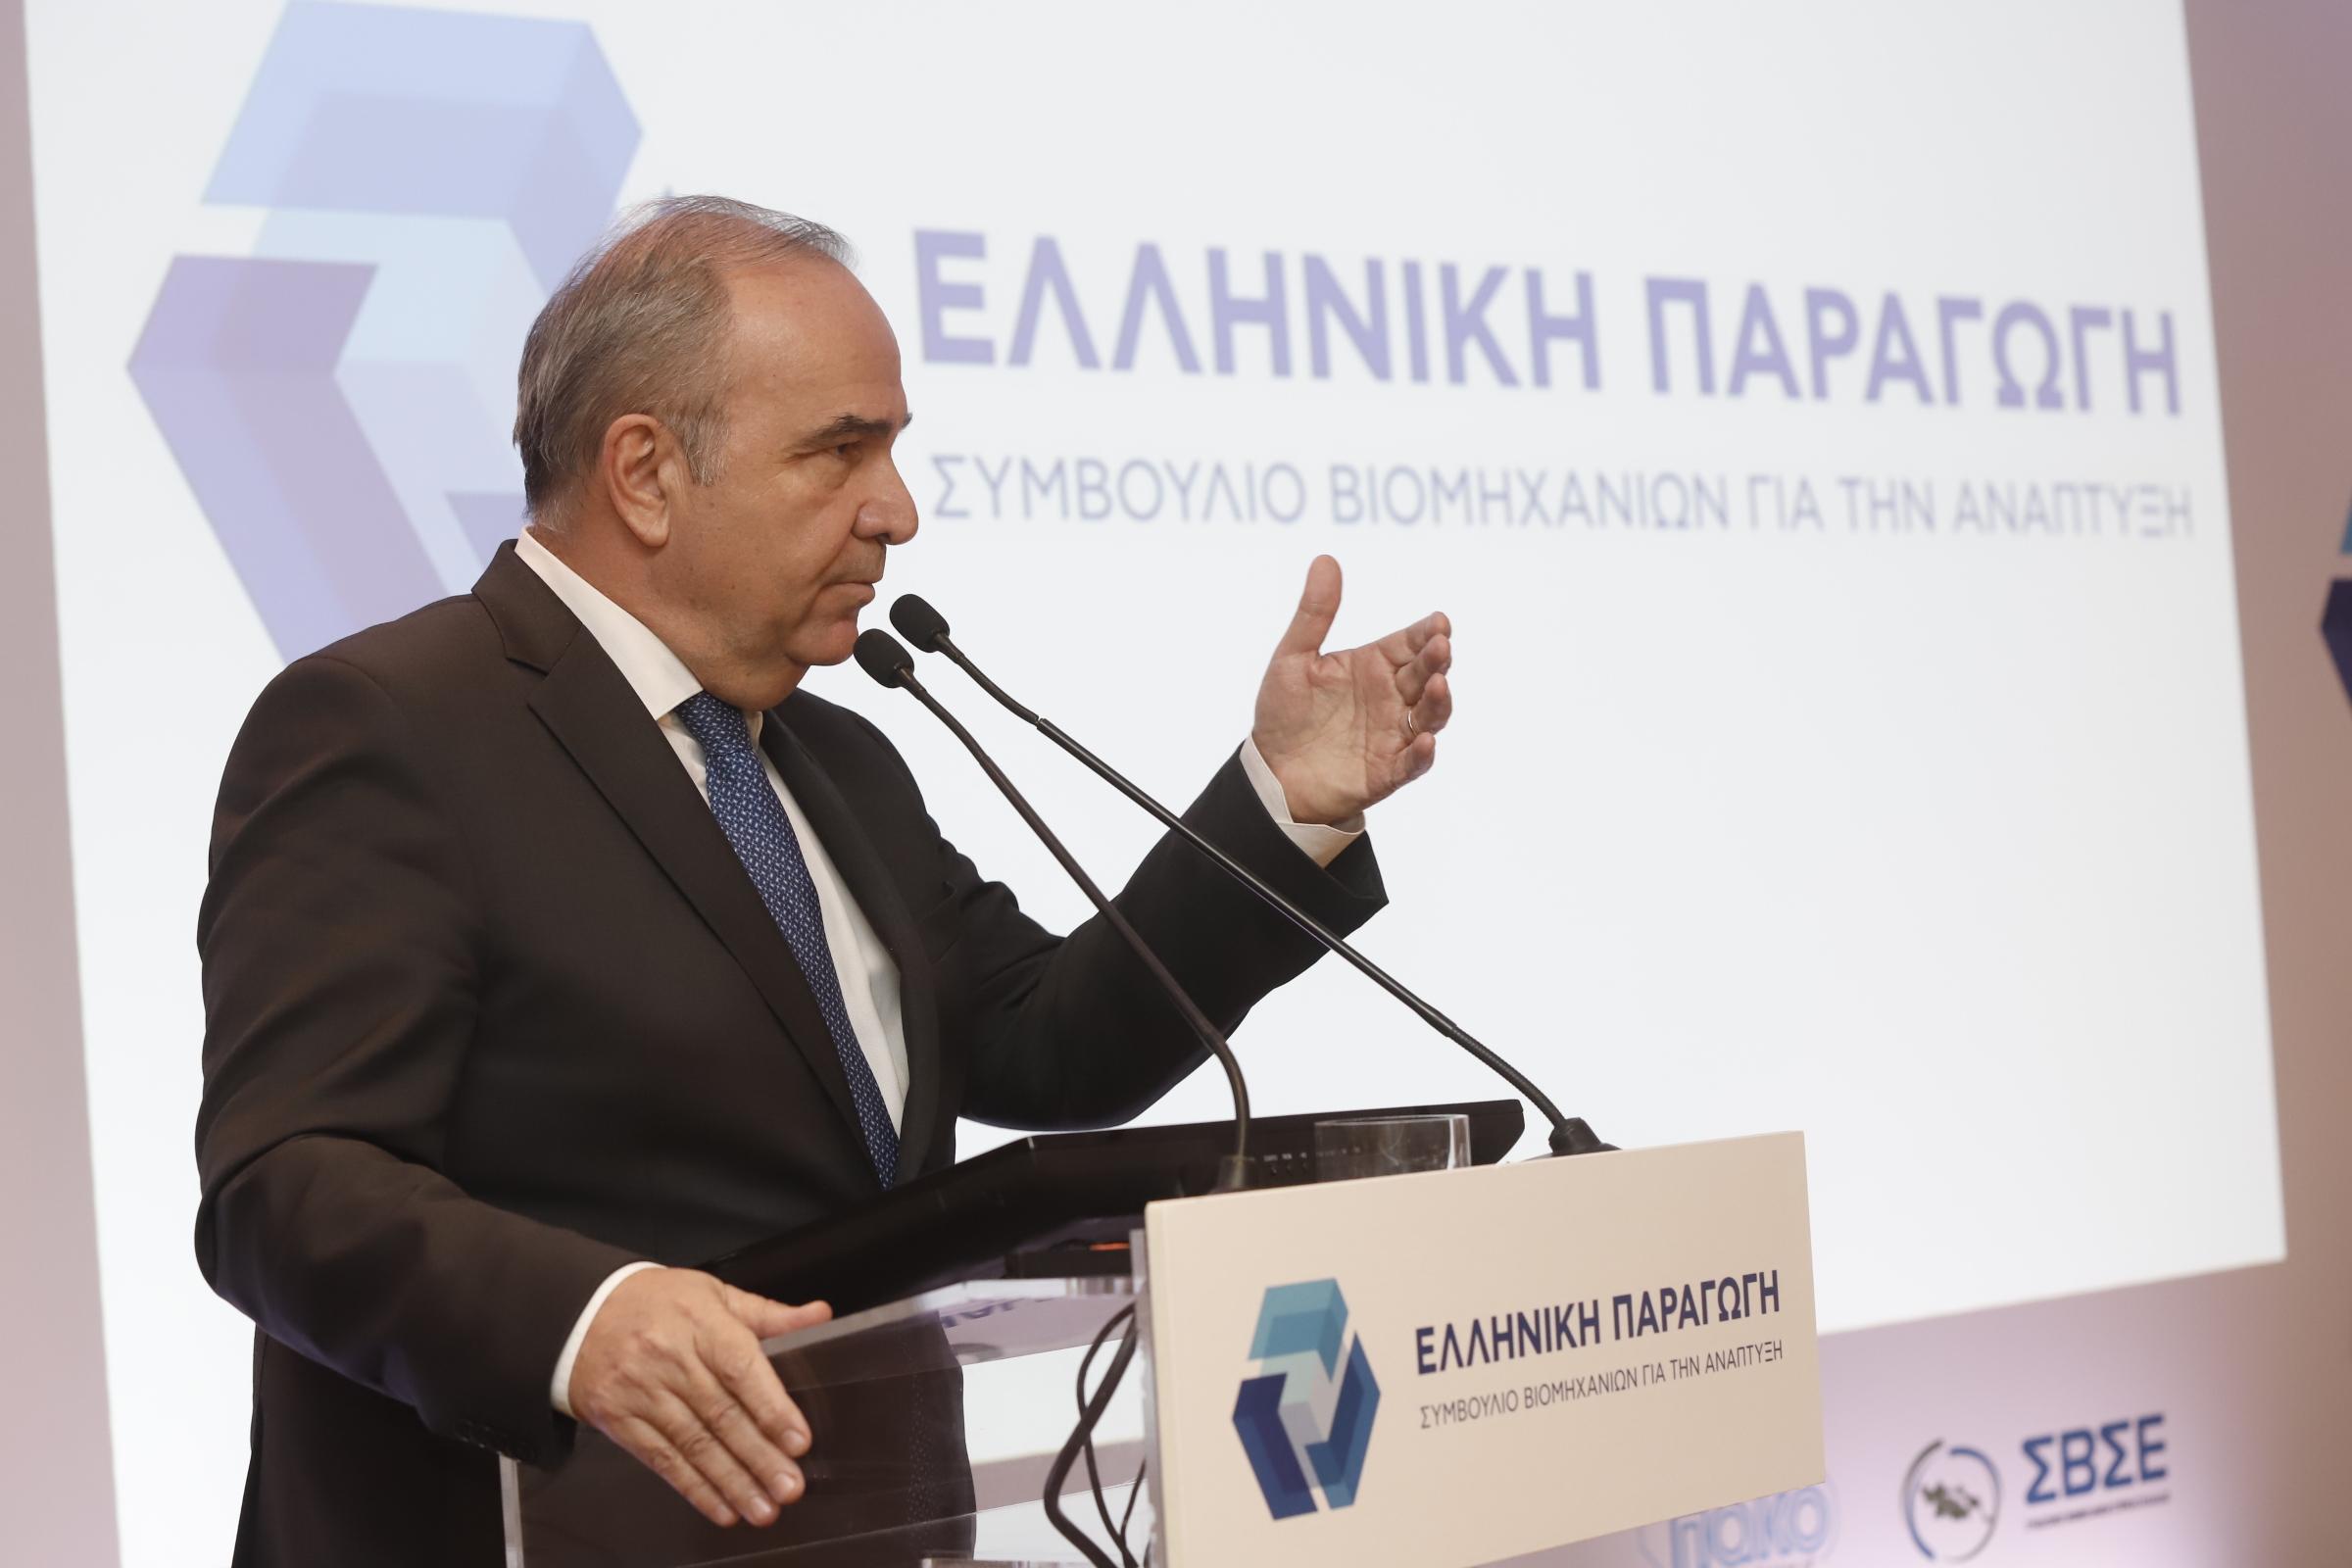 """Συμμετοχή του Υπουργού Ανάπτυξης και Επενδύσεων, κ. Άδωνι Γεωργιάδη και του Υφυπουργού, κ. Νίκου Παπαθανάση στην ετήσια ΓΣ της """"Ελληνικής Παραγωγής"""""""